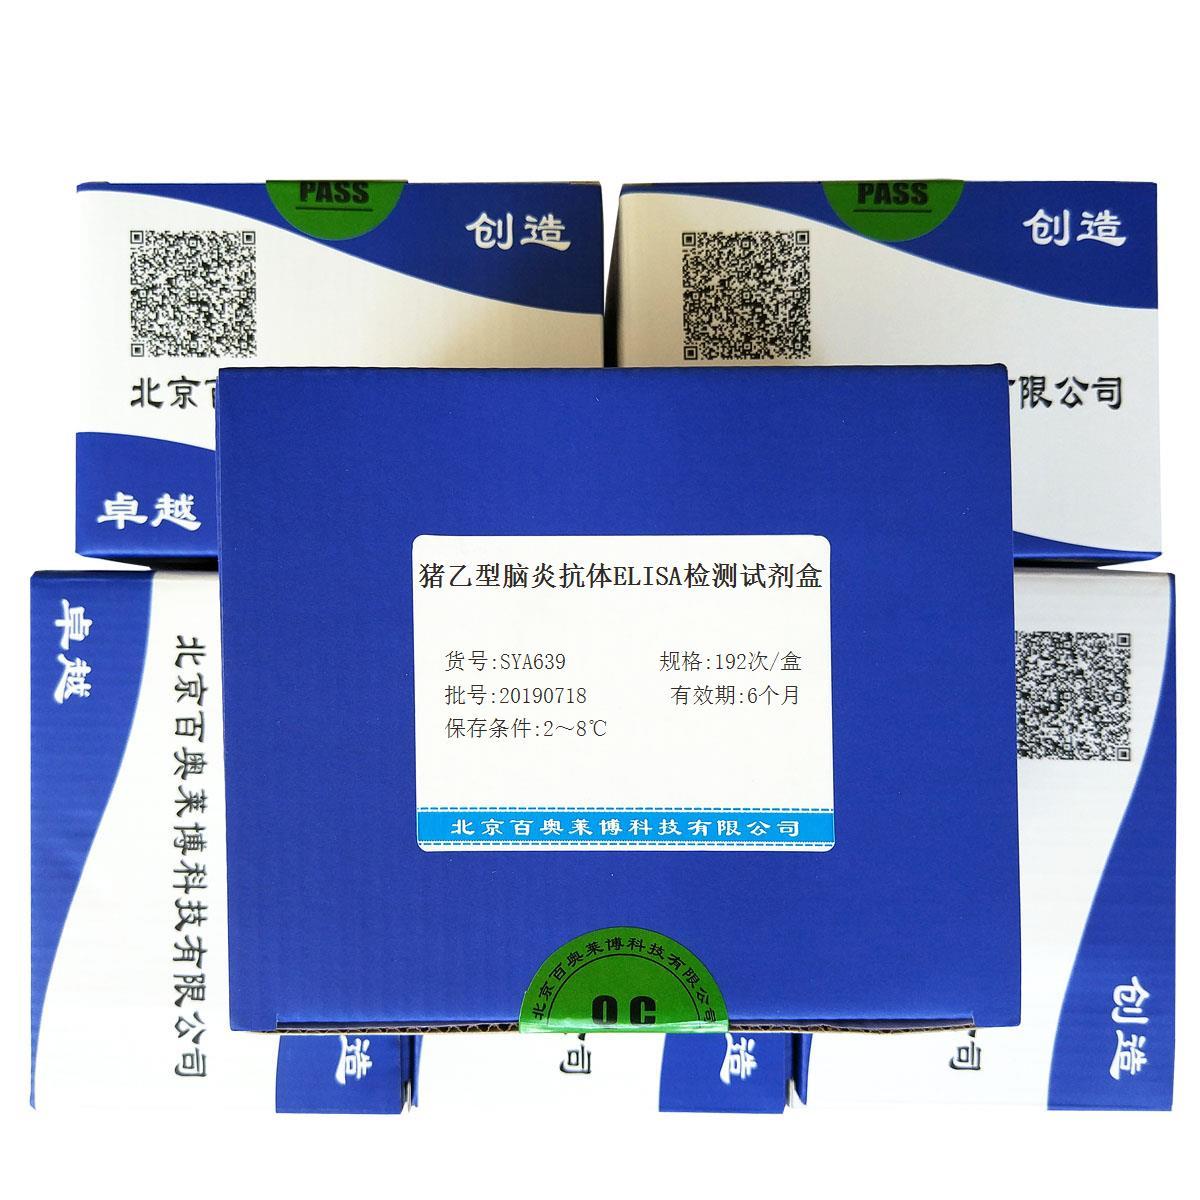 猪乙型脑炎抗体ELISA检测试剂盒北京价格